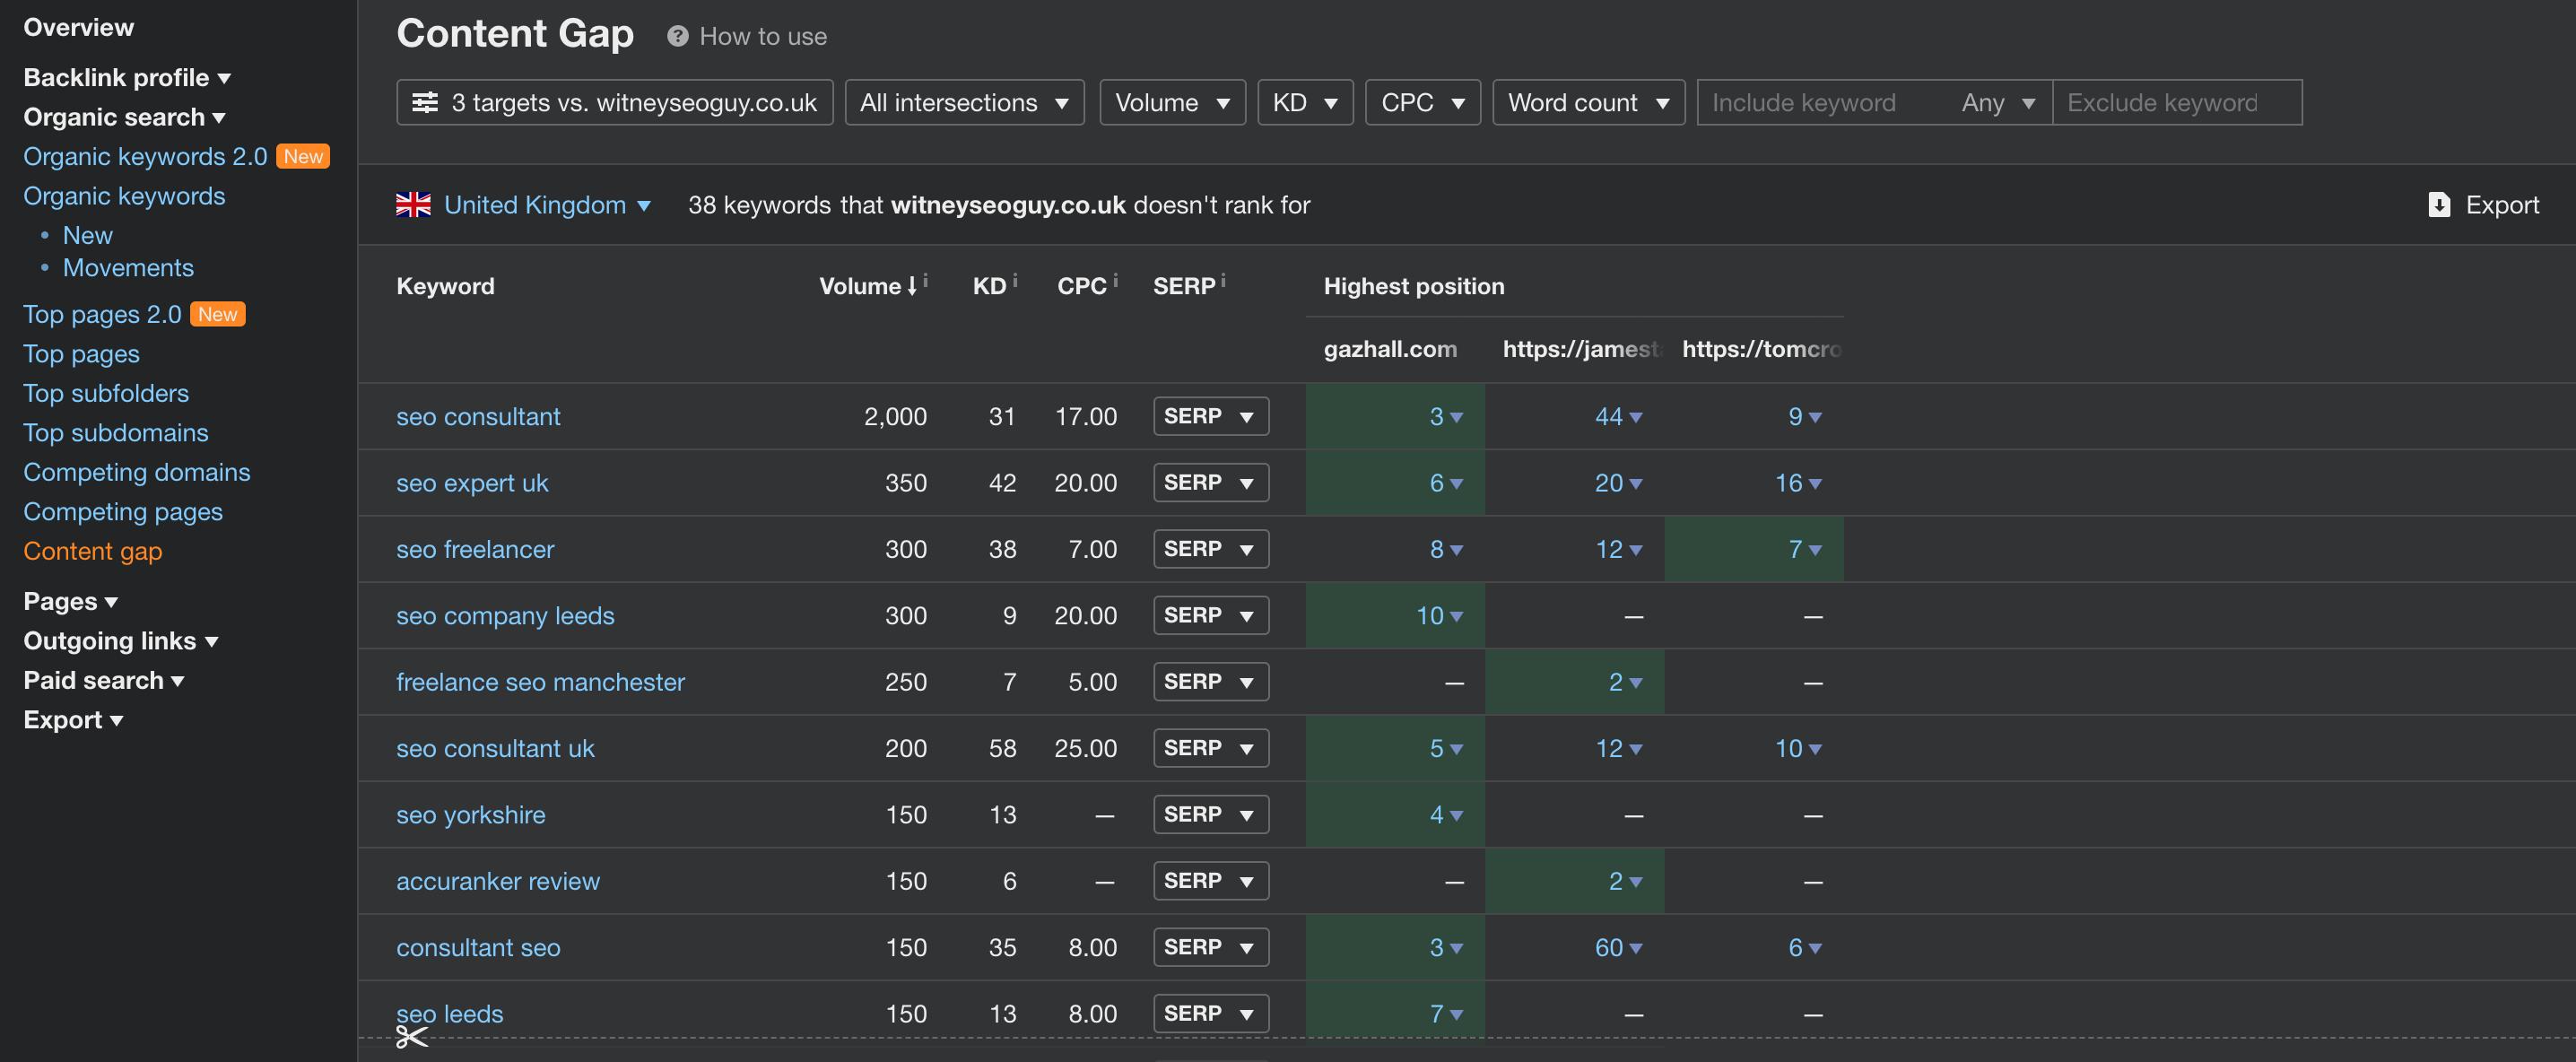 content gap report in ahrefs webmaster tools